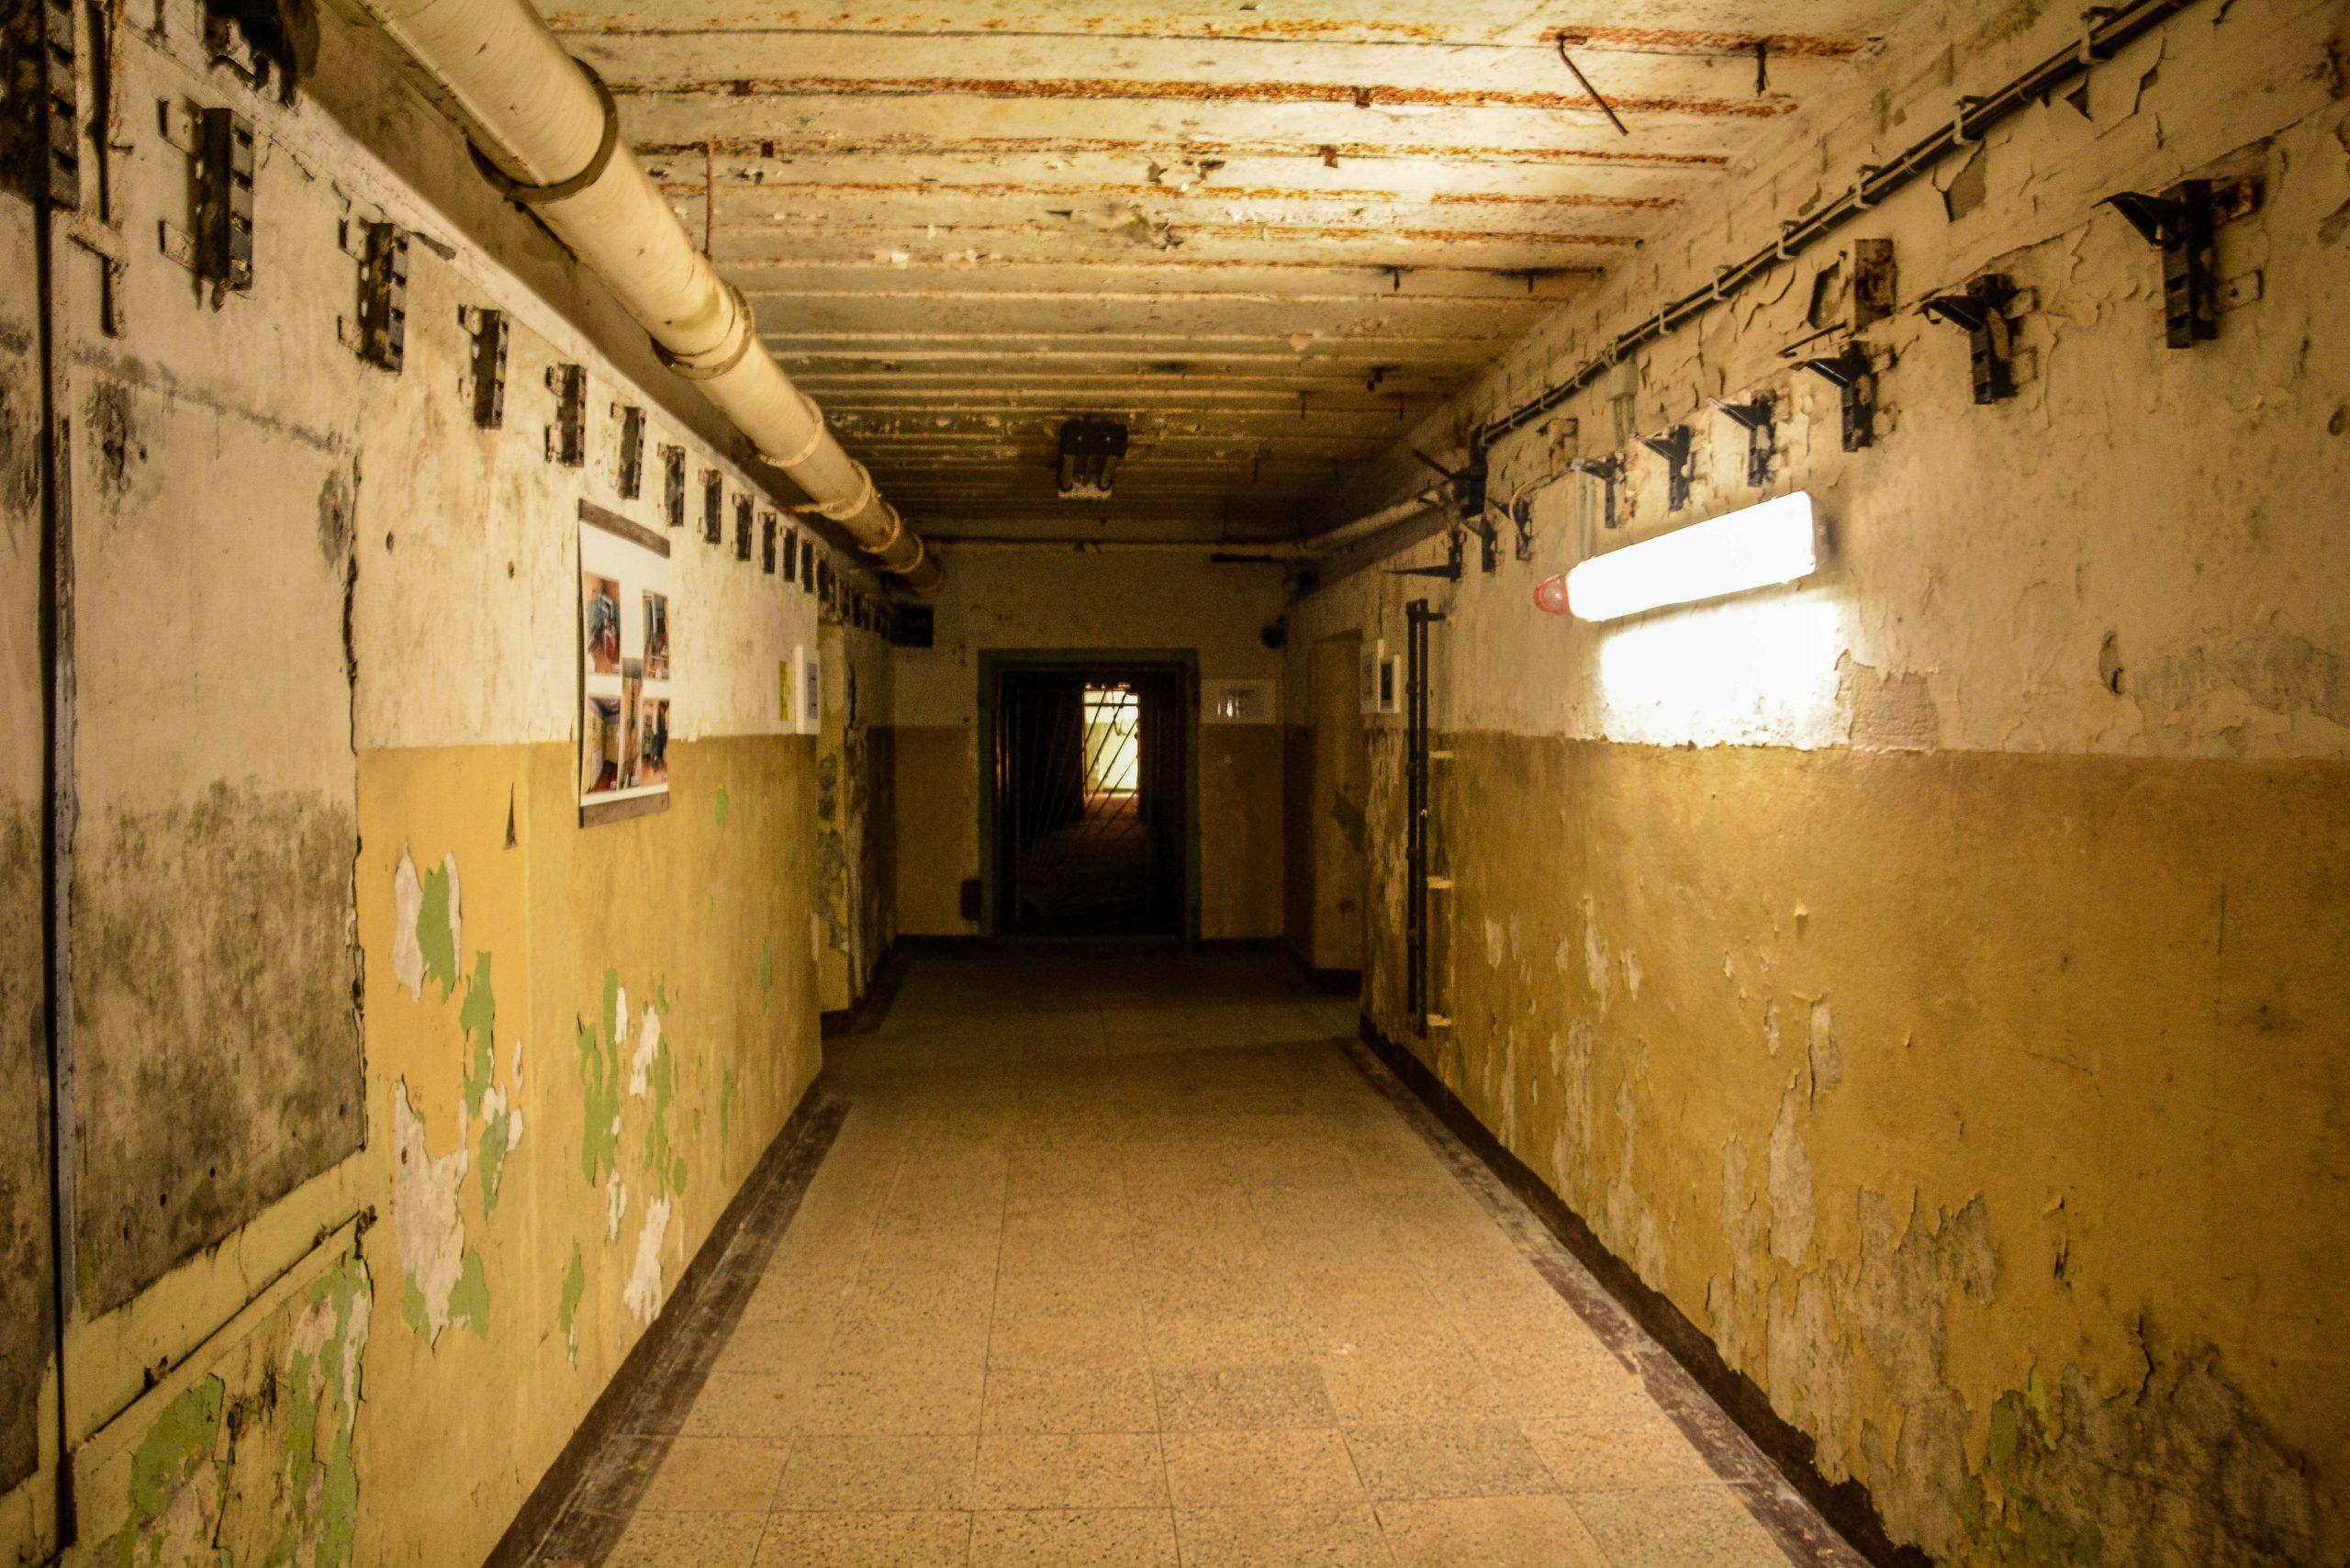 bunker untergrund tunnel flur bunker zeppelin amt 500 maybach bunker ranet wehrmacht sowjet soviet military zossen brandenburg germany lost palces urbex abandoned